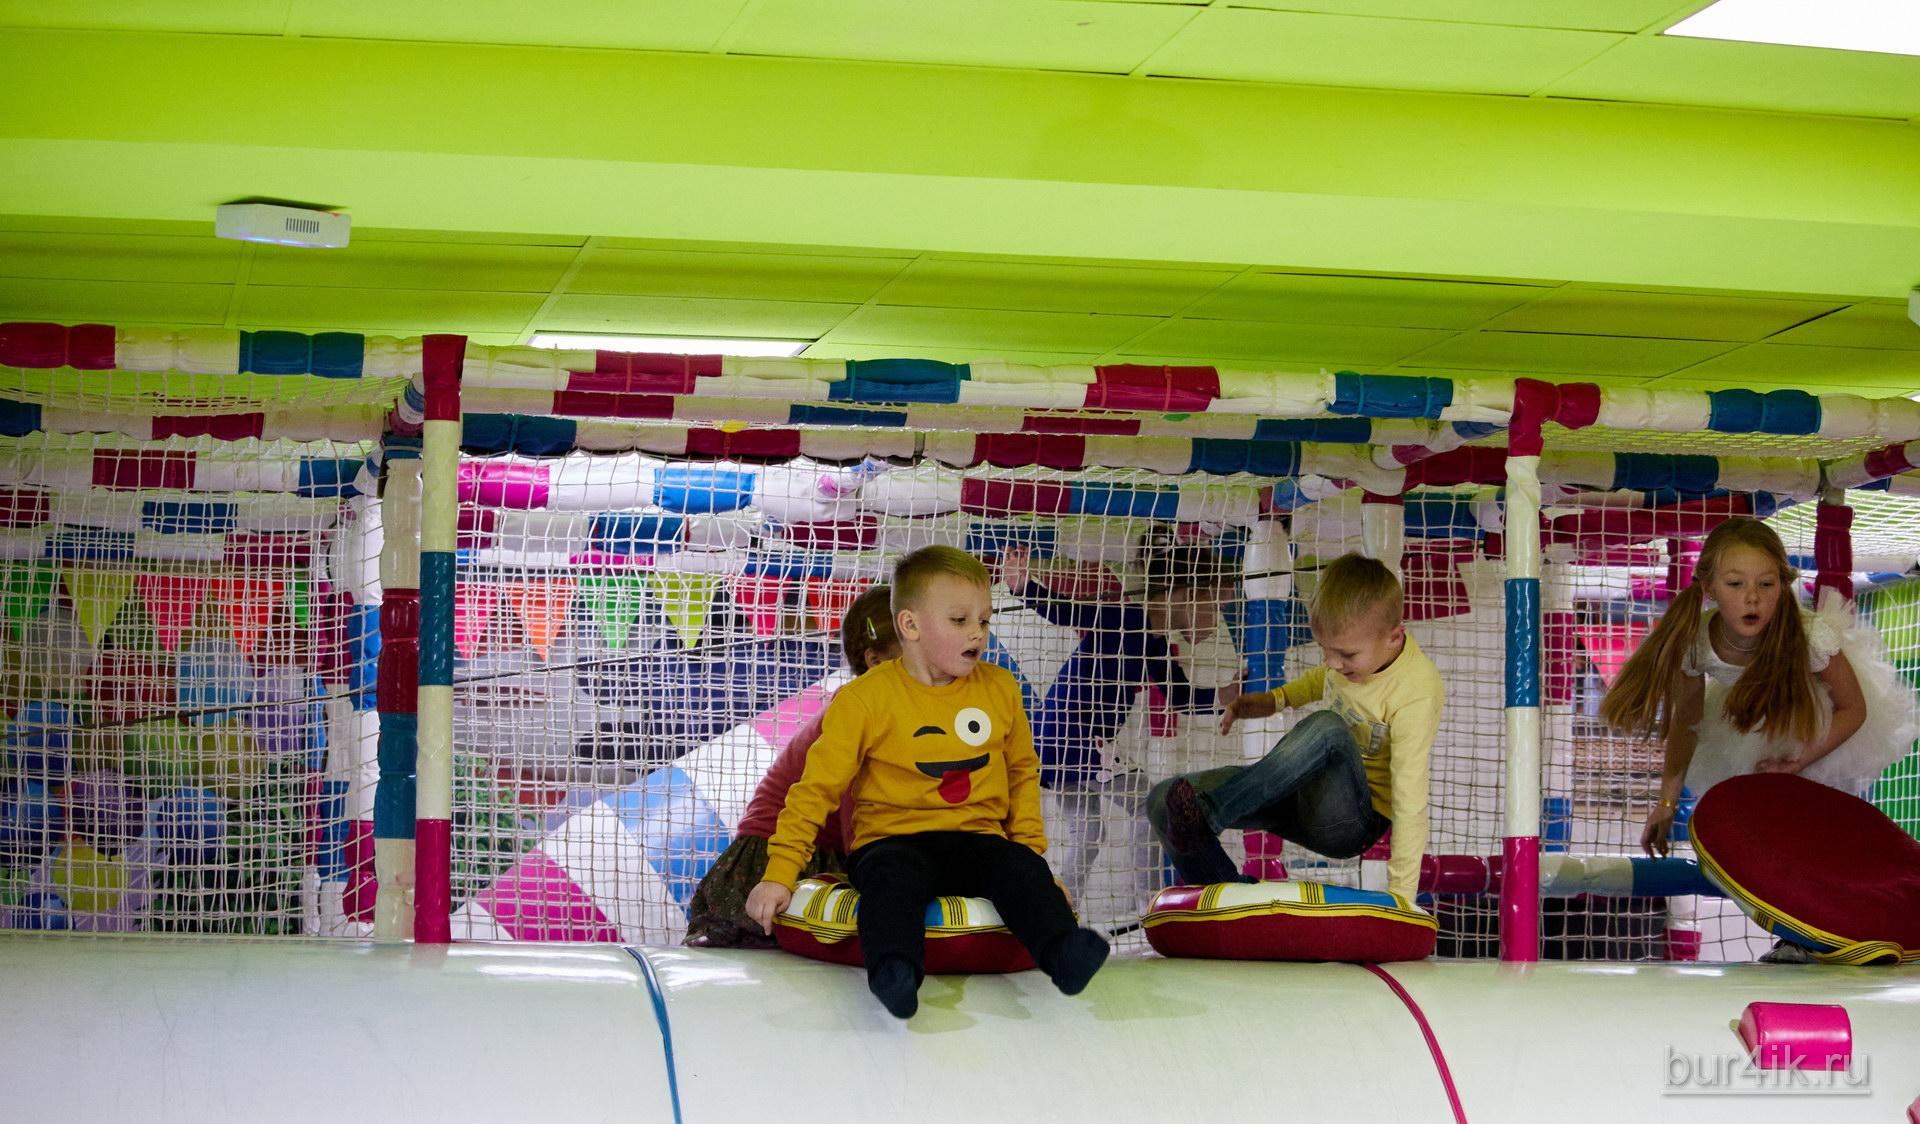 Фото Детское День Рождения в Детский Дворик 15.01.2020 №297 -photo- bur4ik.ru